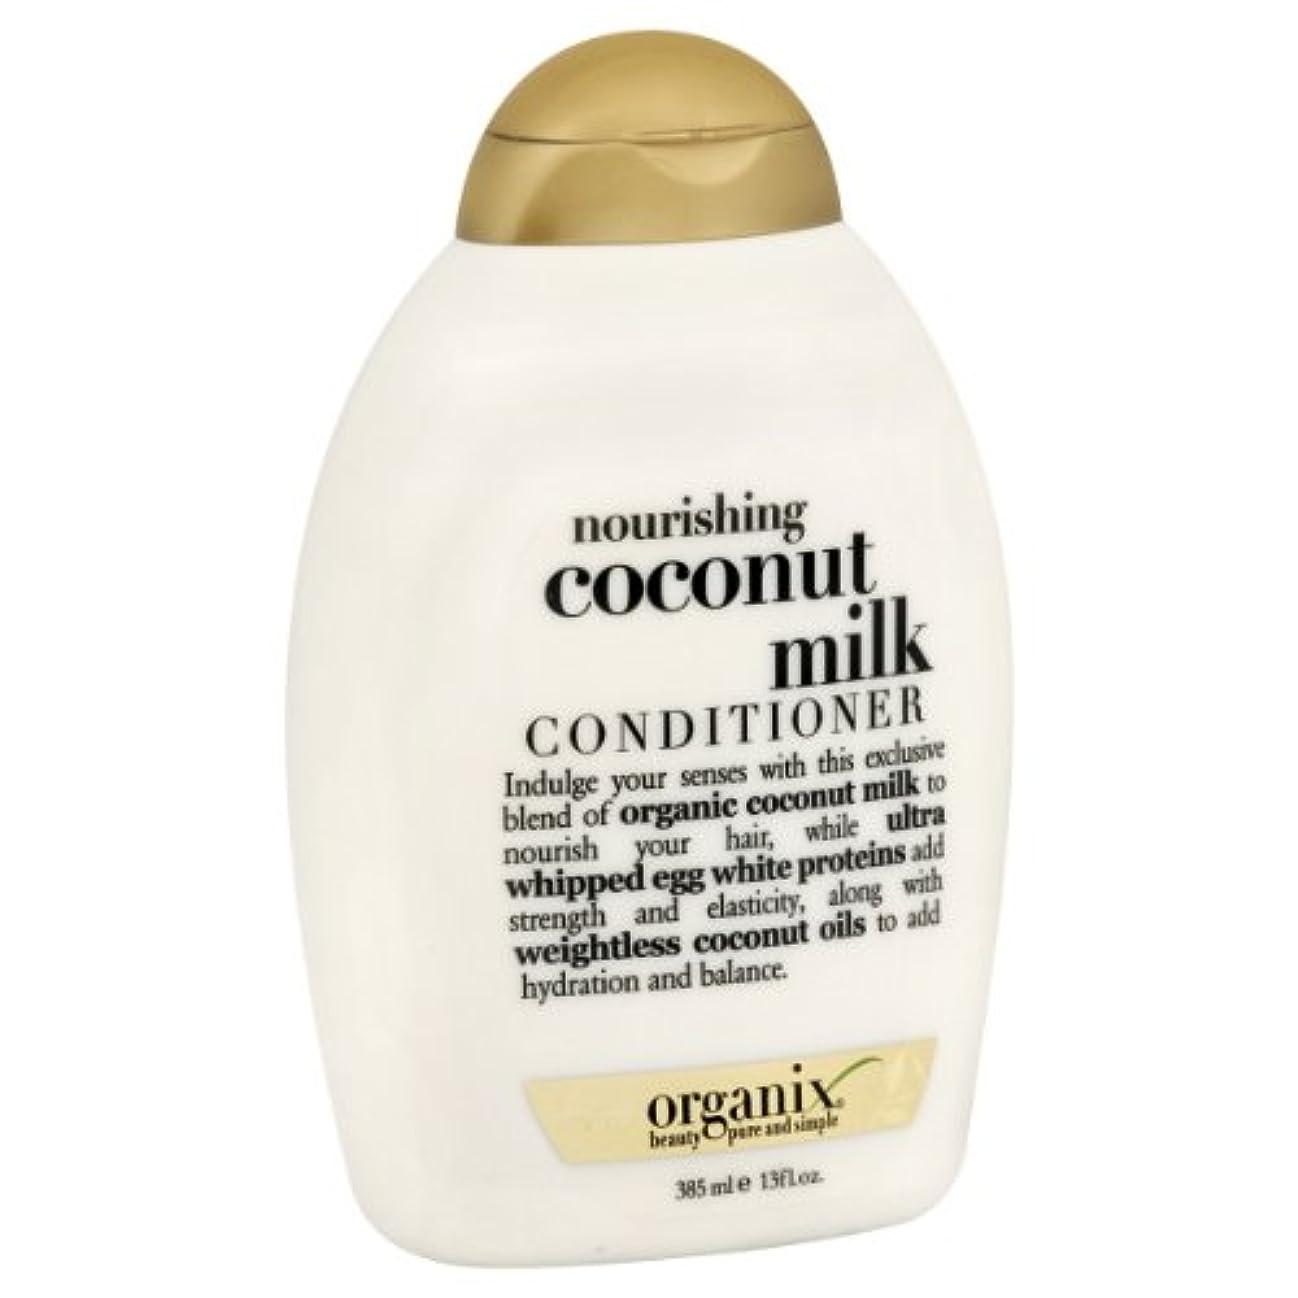 一般的に言えばおばあさんリベラルヴォーグ オーガニックス ココナッツミルク コンディショナー 385ml